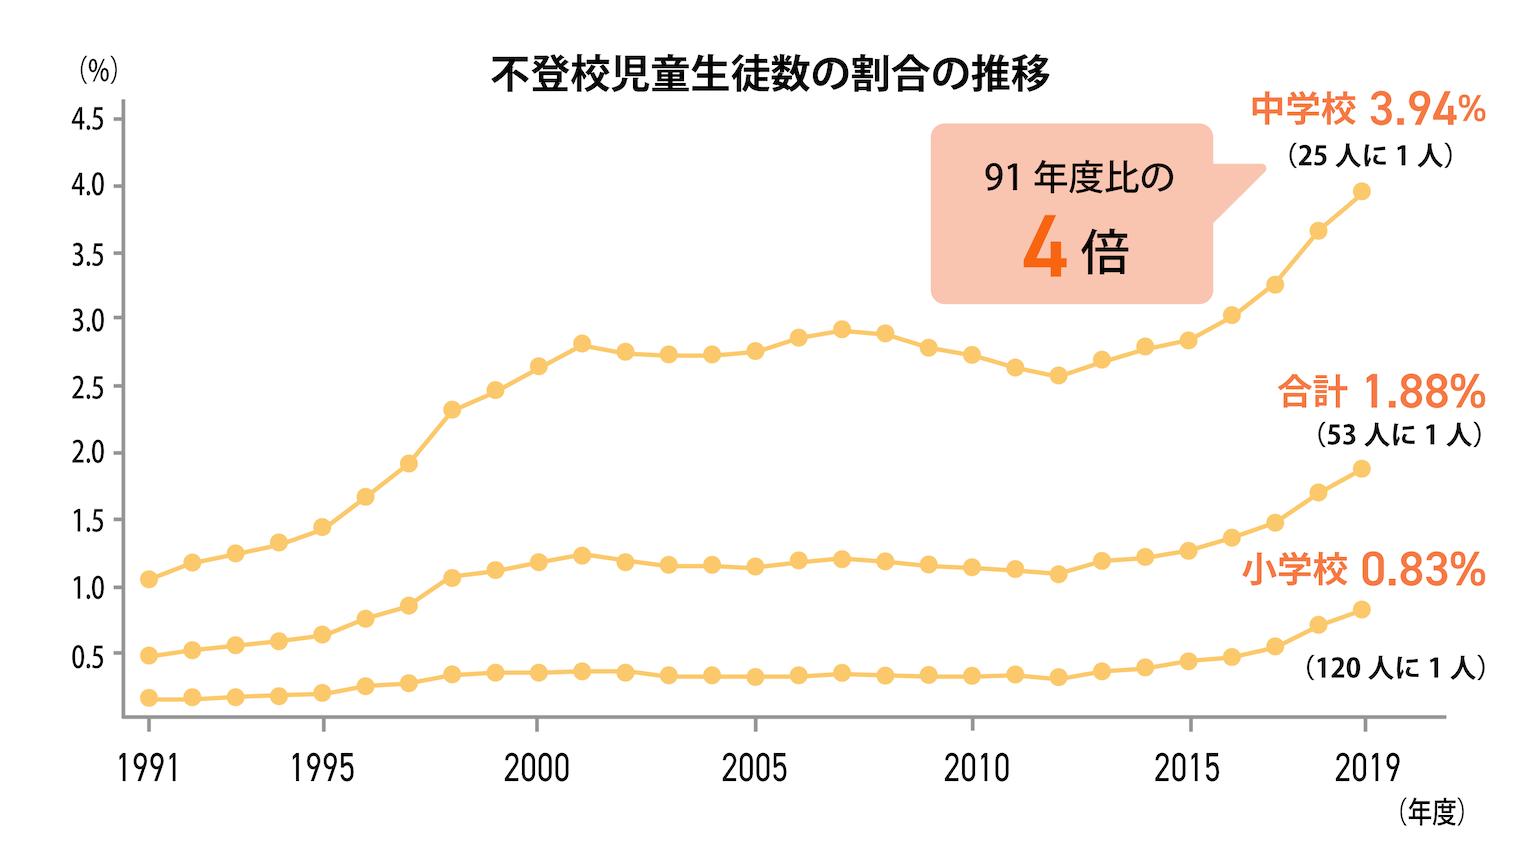 不登校児童生徒数の割合の推移